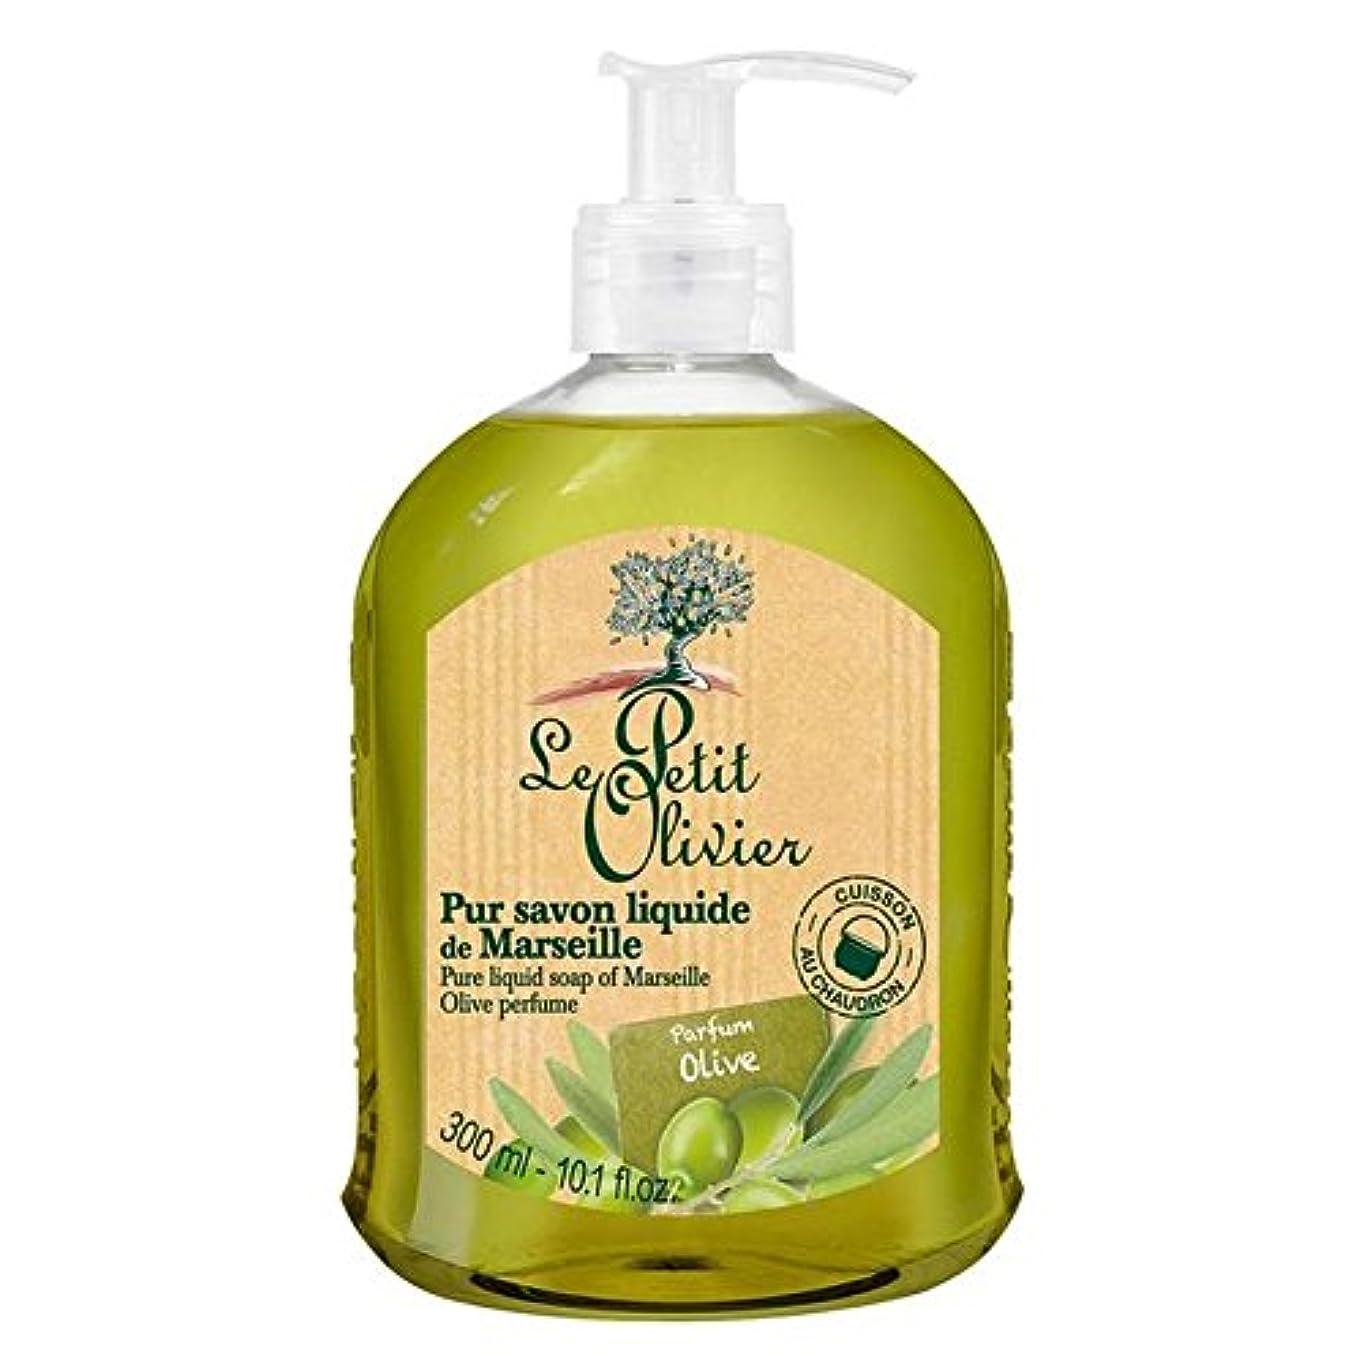 フロー旅行者直立Le Petit Olivier Pure Liquid Soap of Marseille, Olive Oil 300ml (Pack of 6) - マルセイユのル?プティ?オリヴィエ純粋な液体石鹸、オリーブオイル...